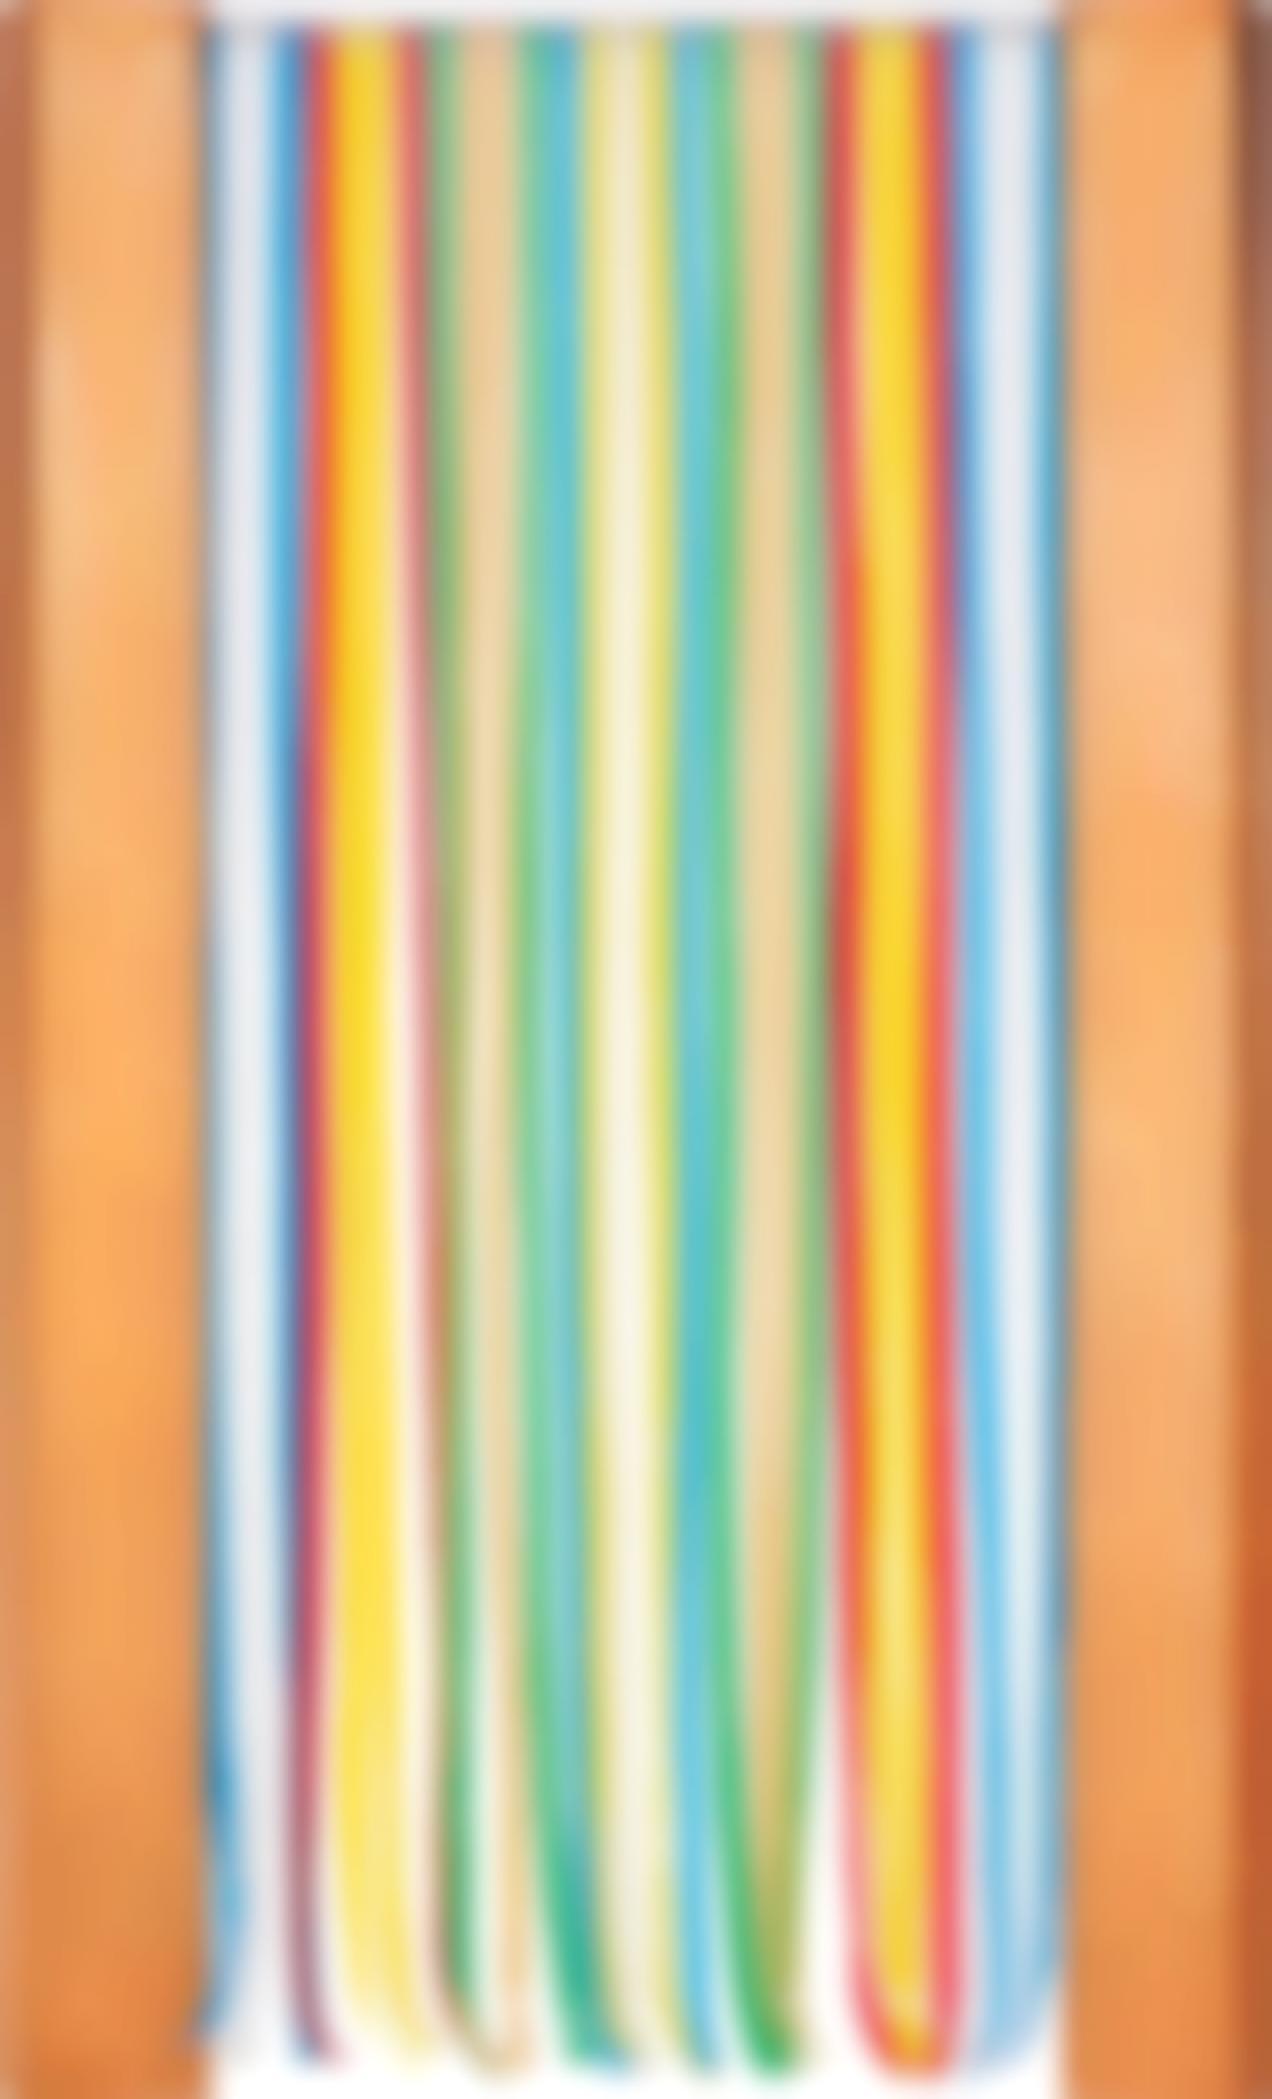 John Armleder-Untitled (Curtain)-1988